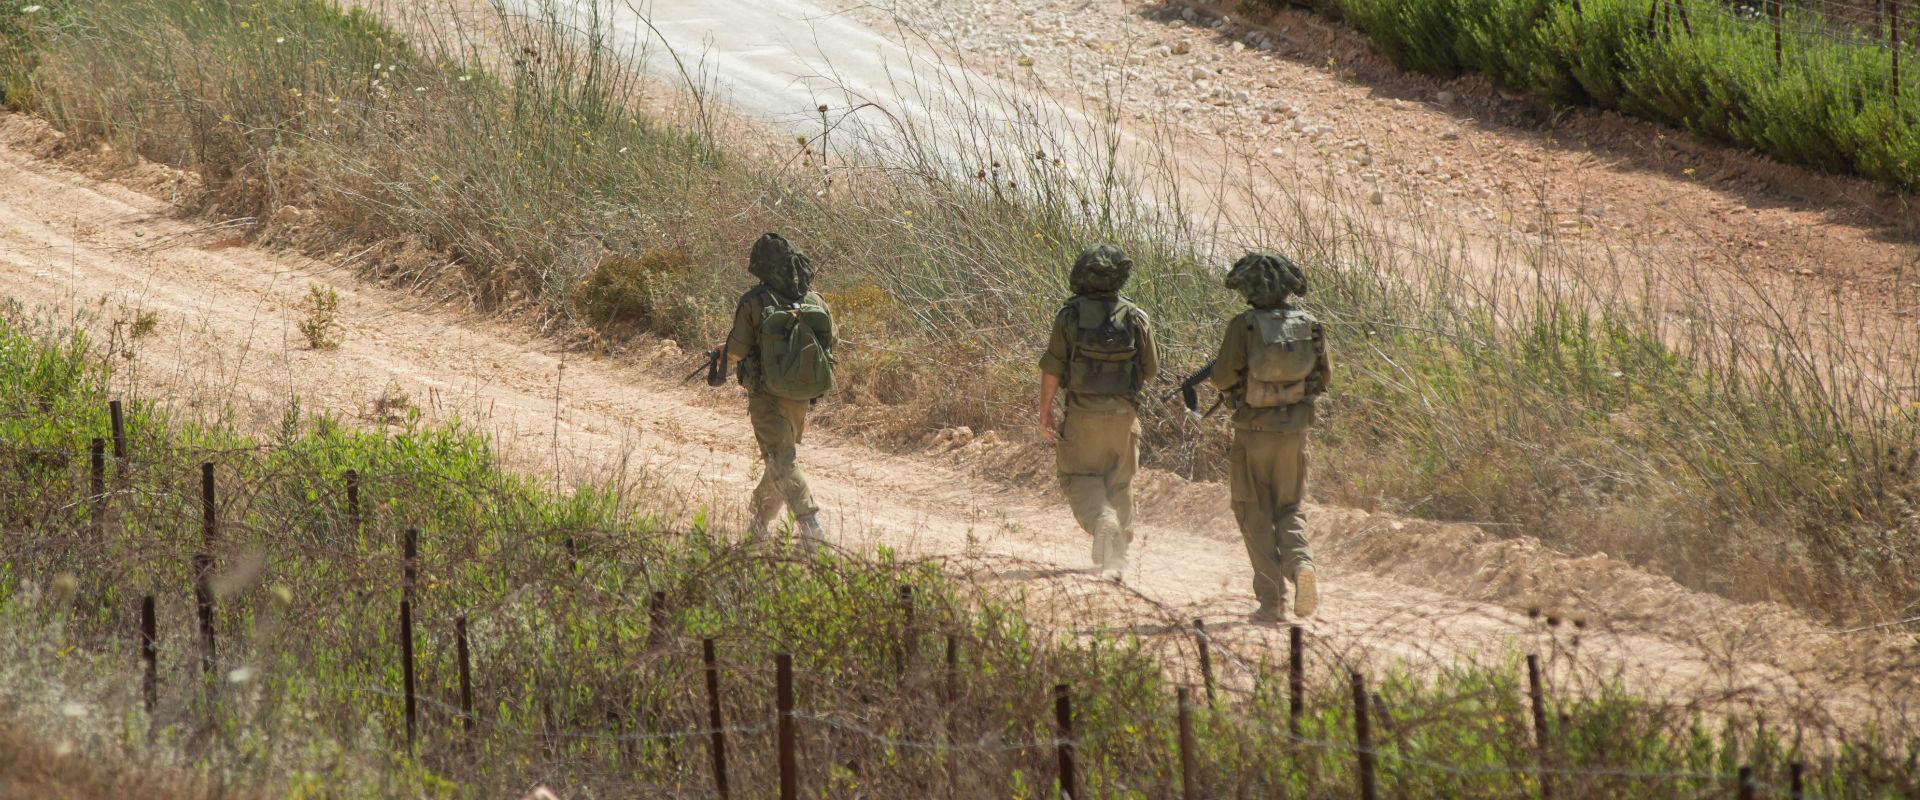 חיילים בגבול ישראל ולבנון